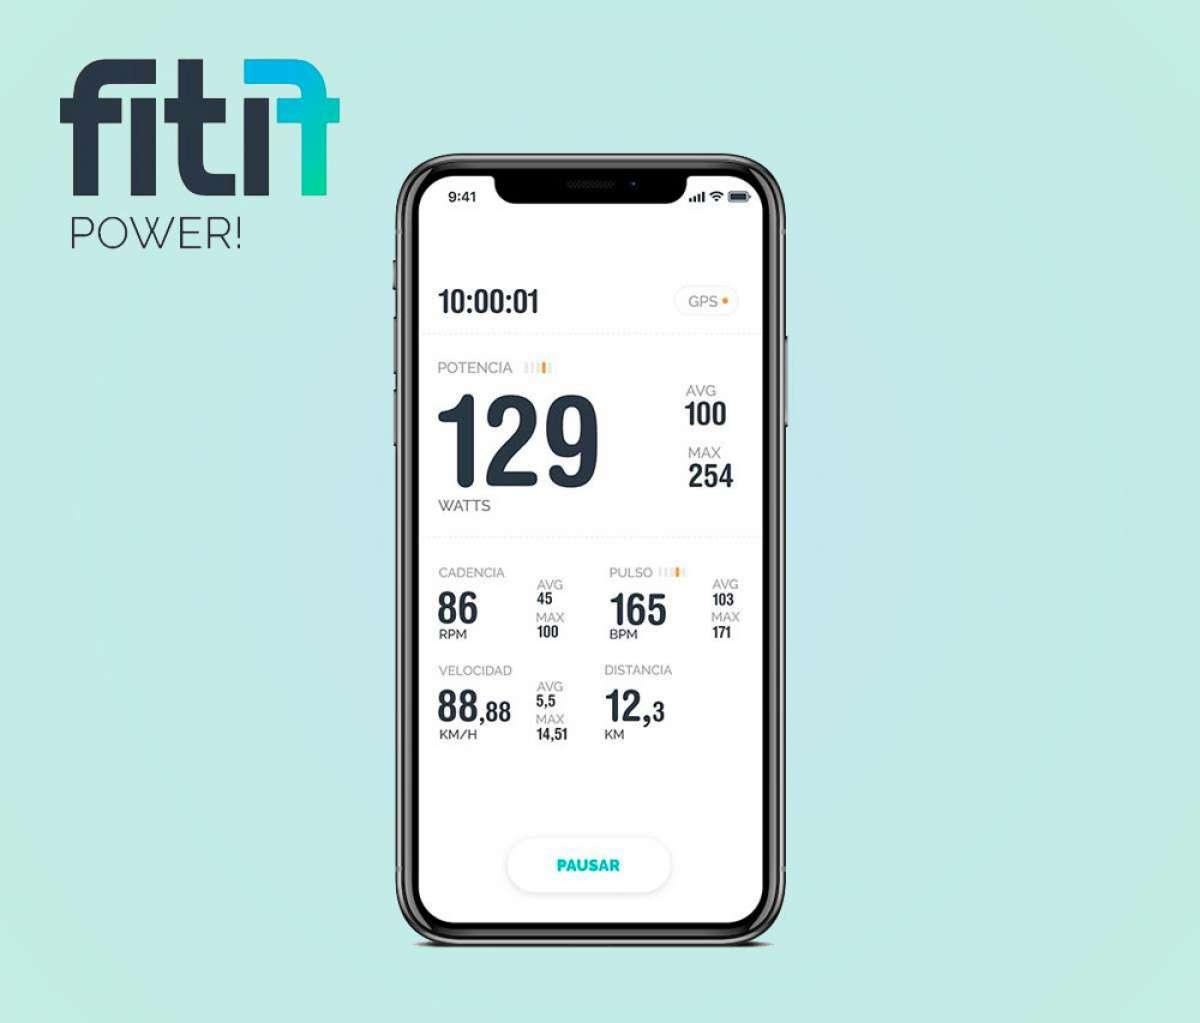 Medición de potencia al alcance de todos con la aplicación Fitif Power!